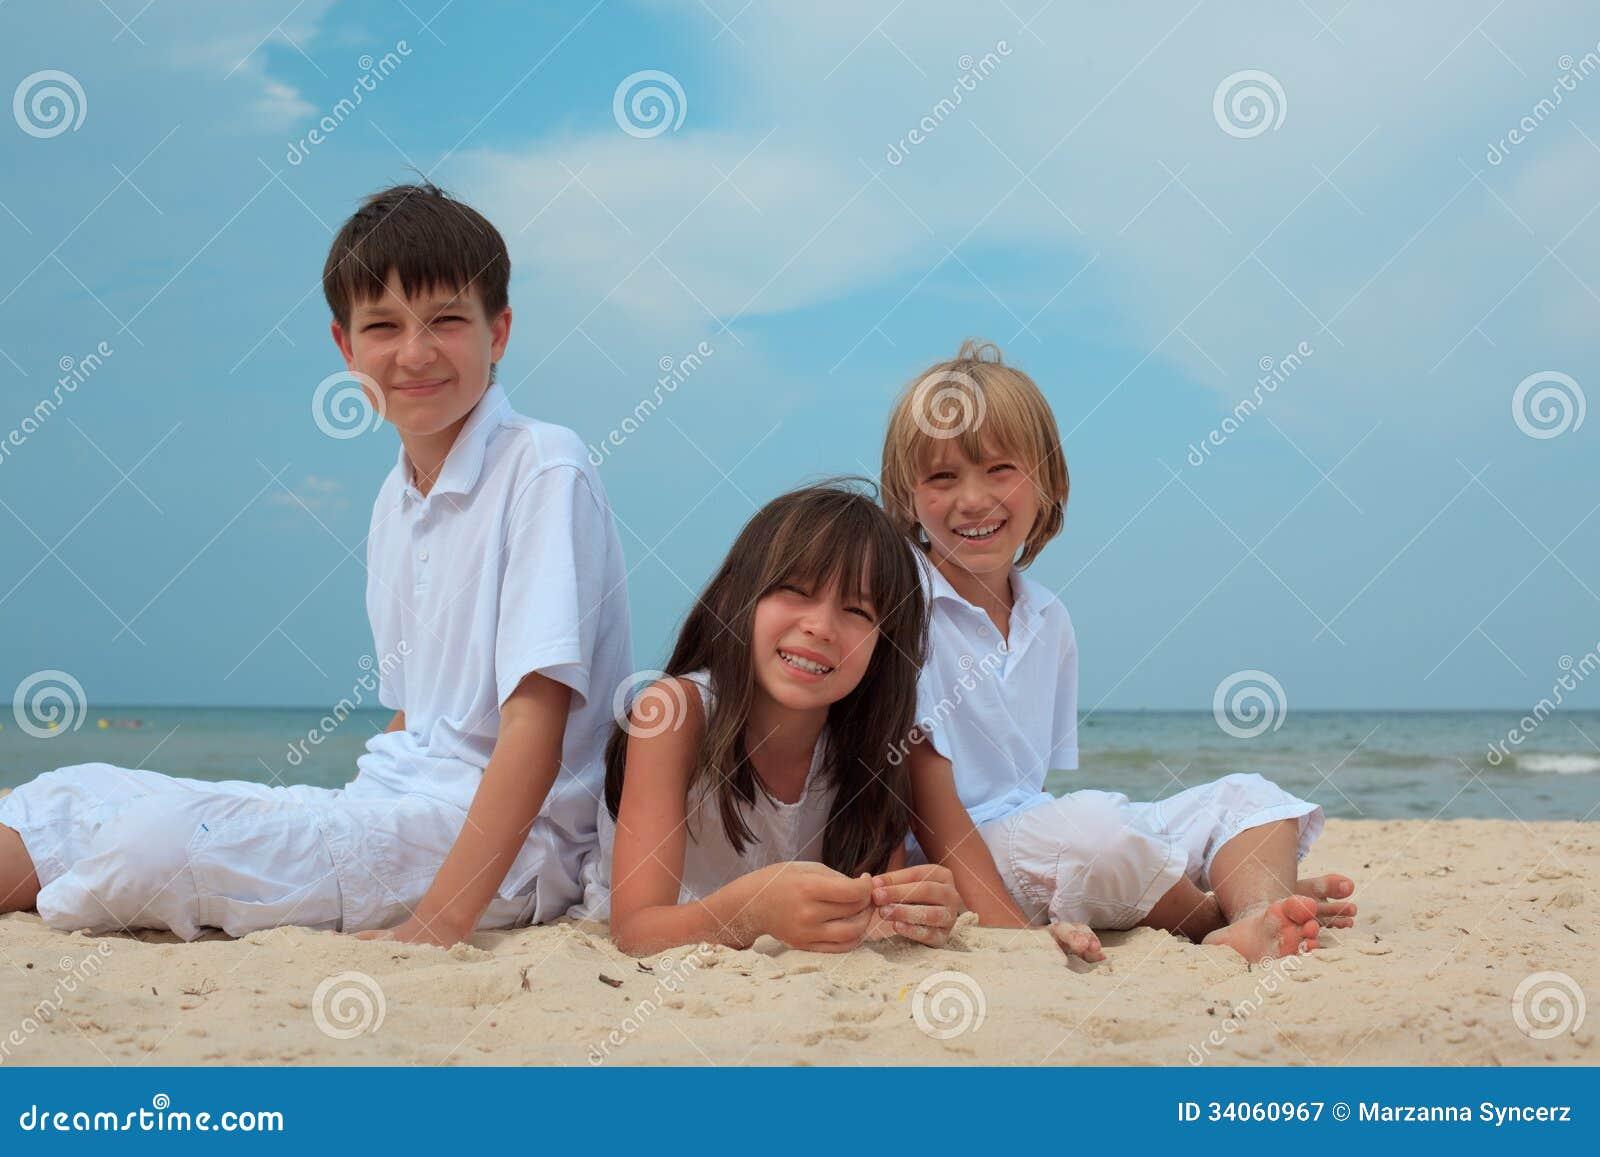 Children on sandy beach